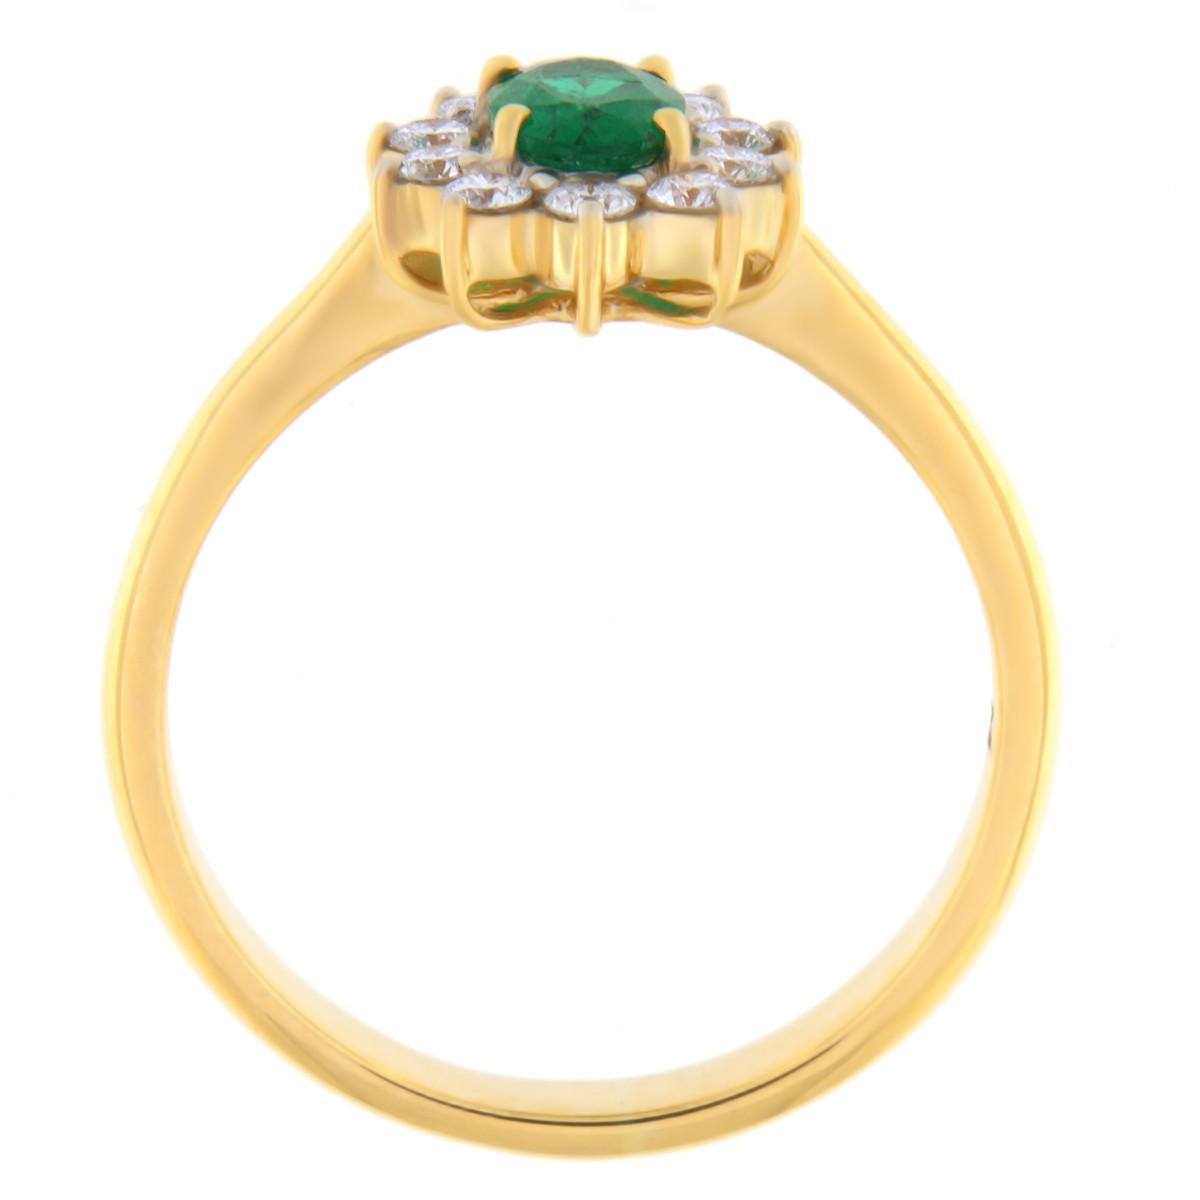 Kullast sõrmus teemantide ja smaragdiga Kood: 6m